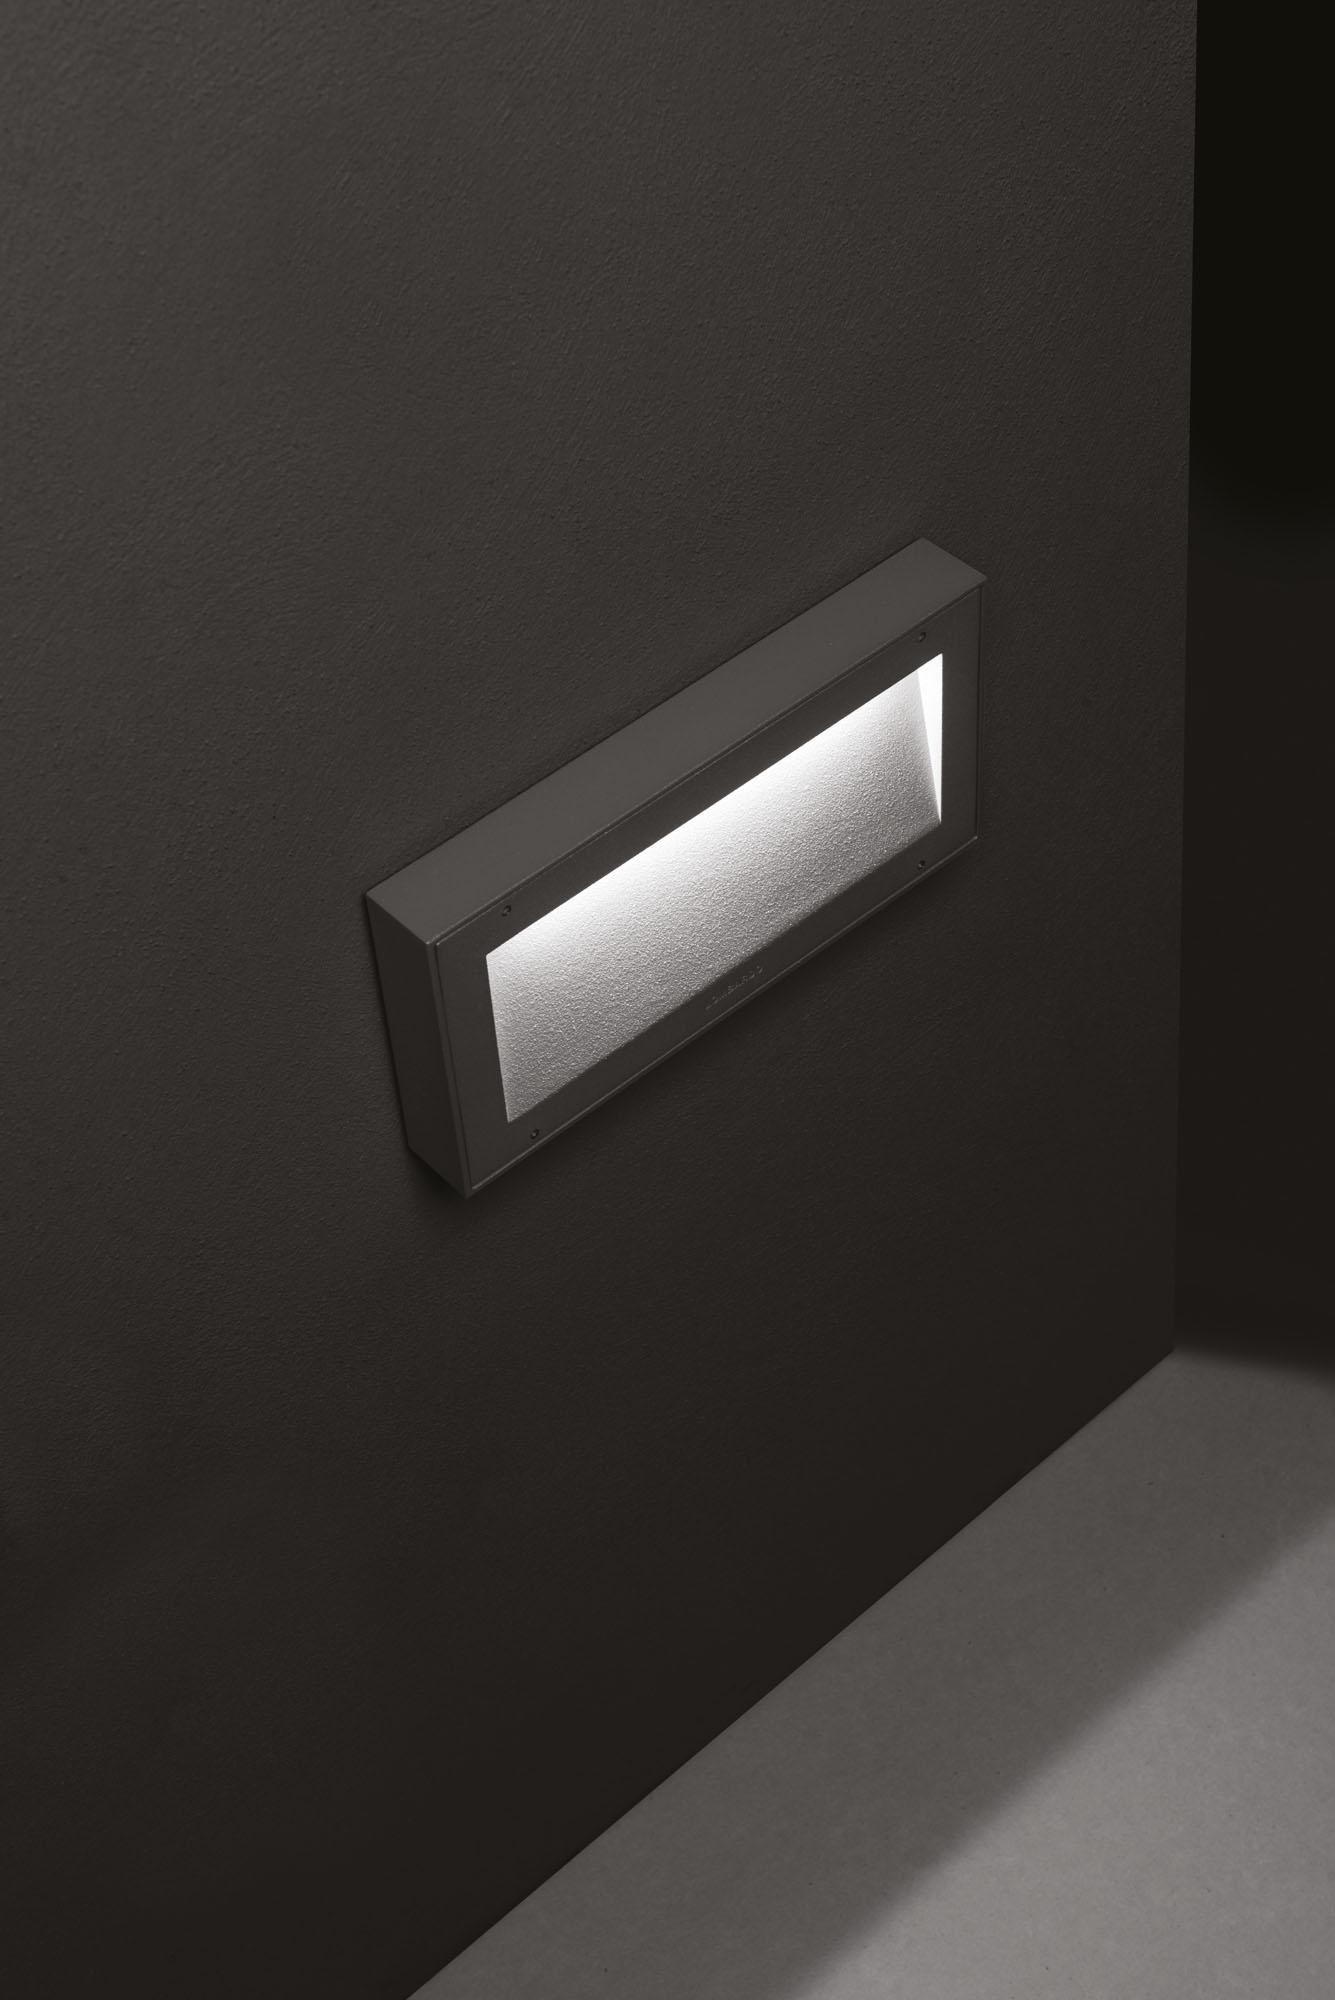 Välisvalgusti KOI 220, LED 9W 650lm 3000K, alumiinium, hall; IP66 IK10